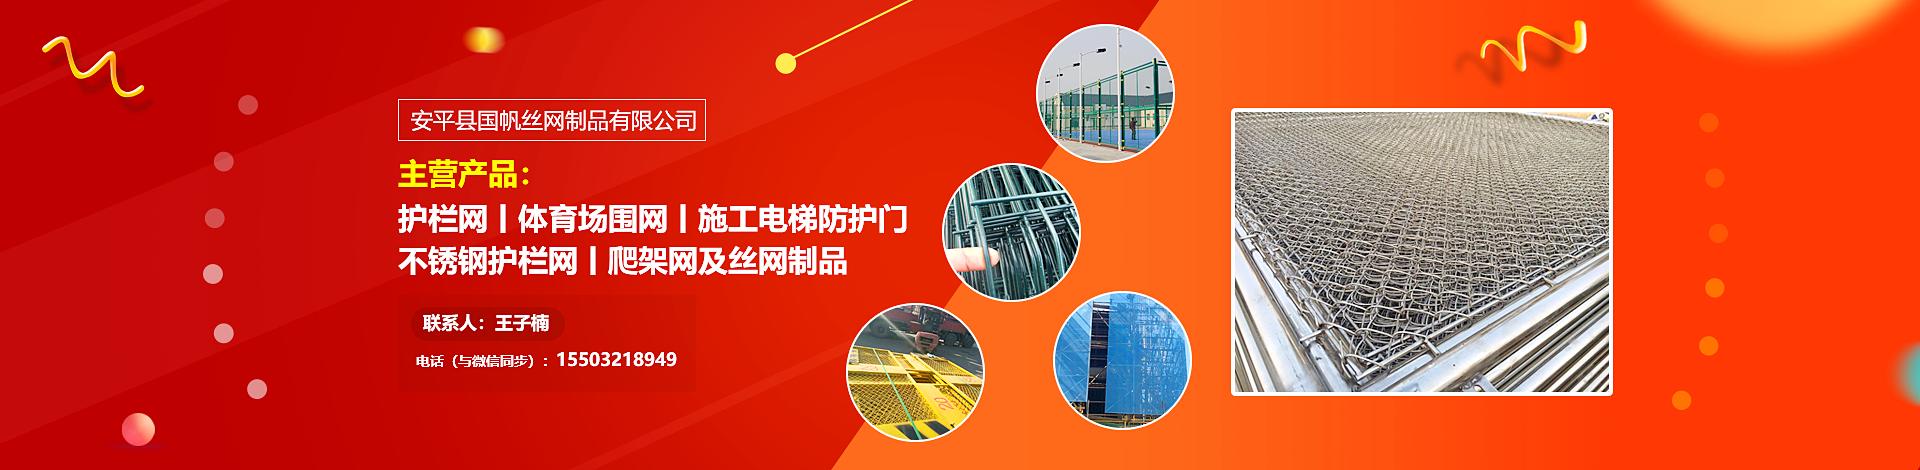 安平县国帆丝网制品有限公司